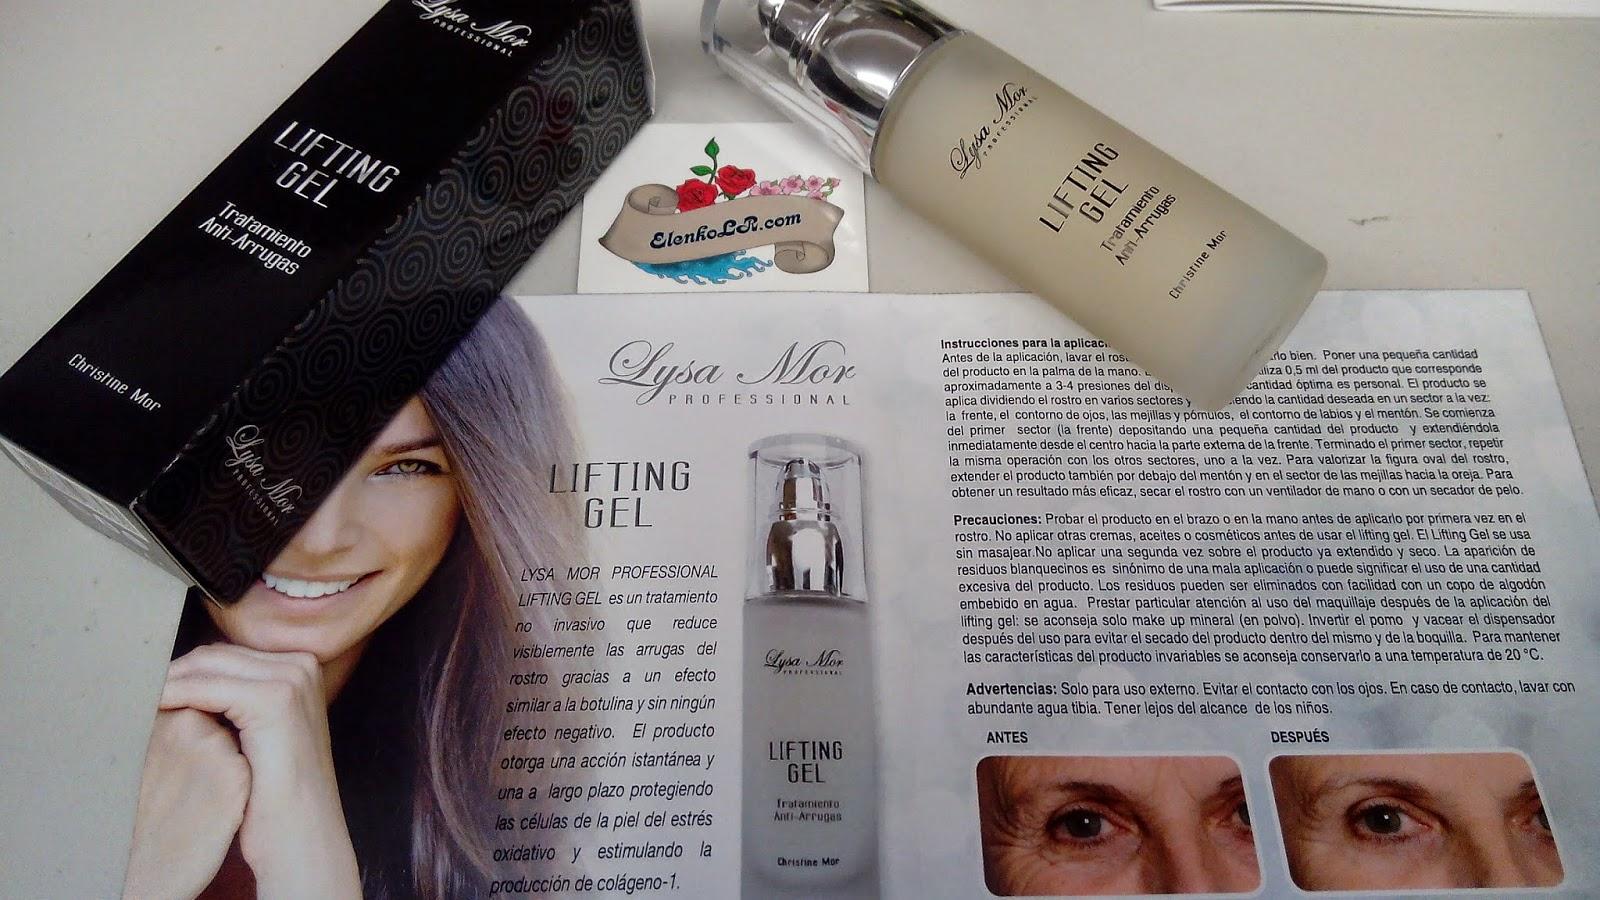 cremas en el blog de moda y belleza elenkolr